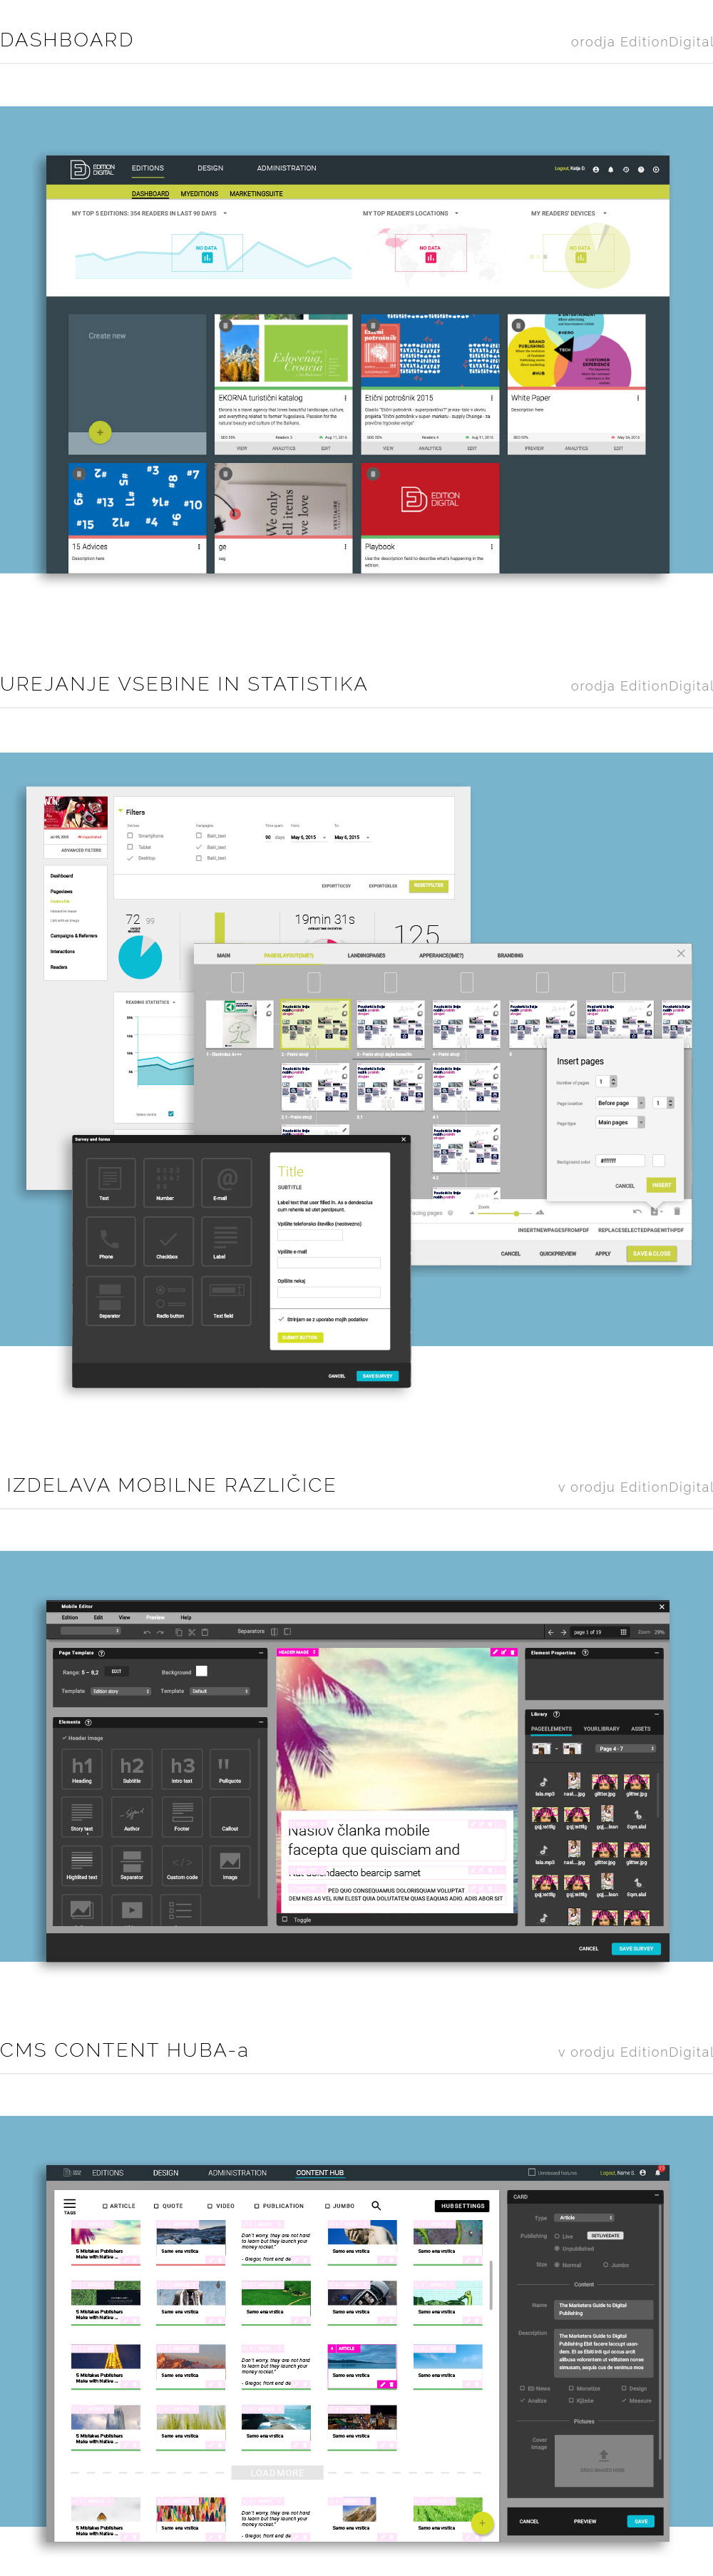 Edition Digital oblikovanje backenda